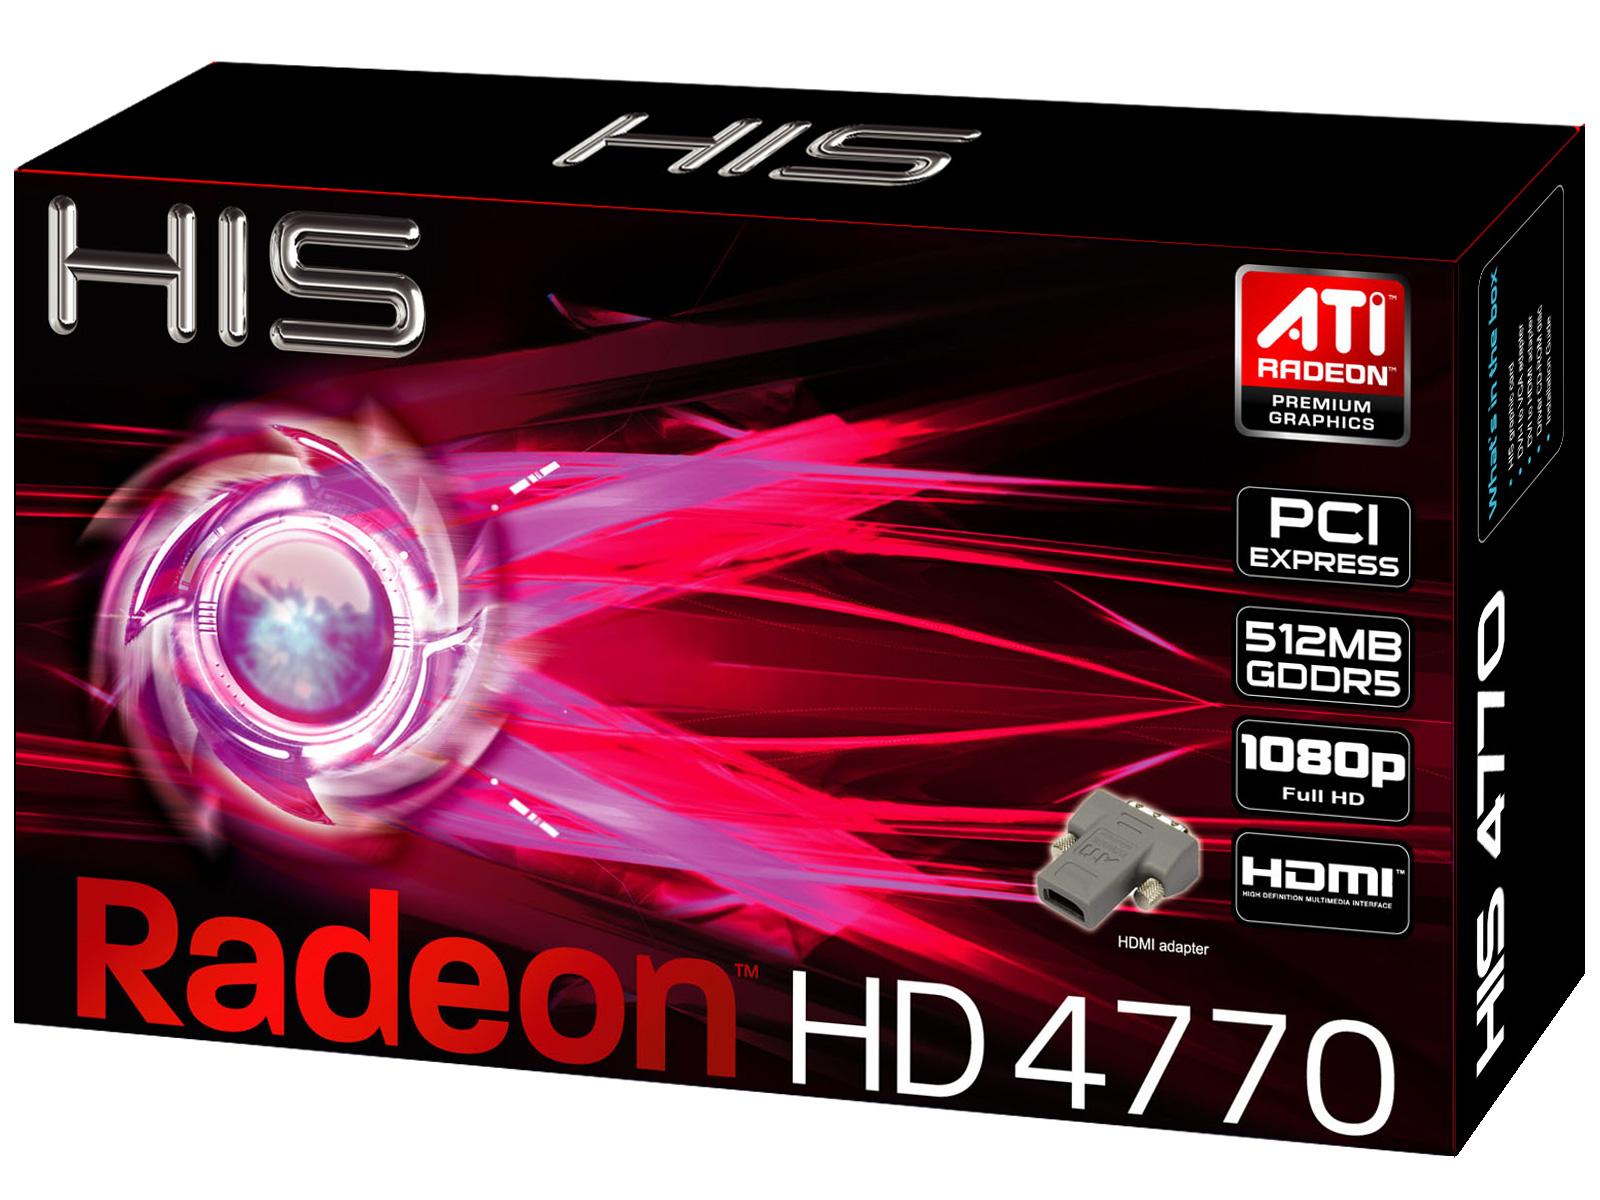 HD4770_Pizza_3D_BOX_512MB_1600.jpg